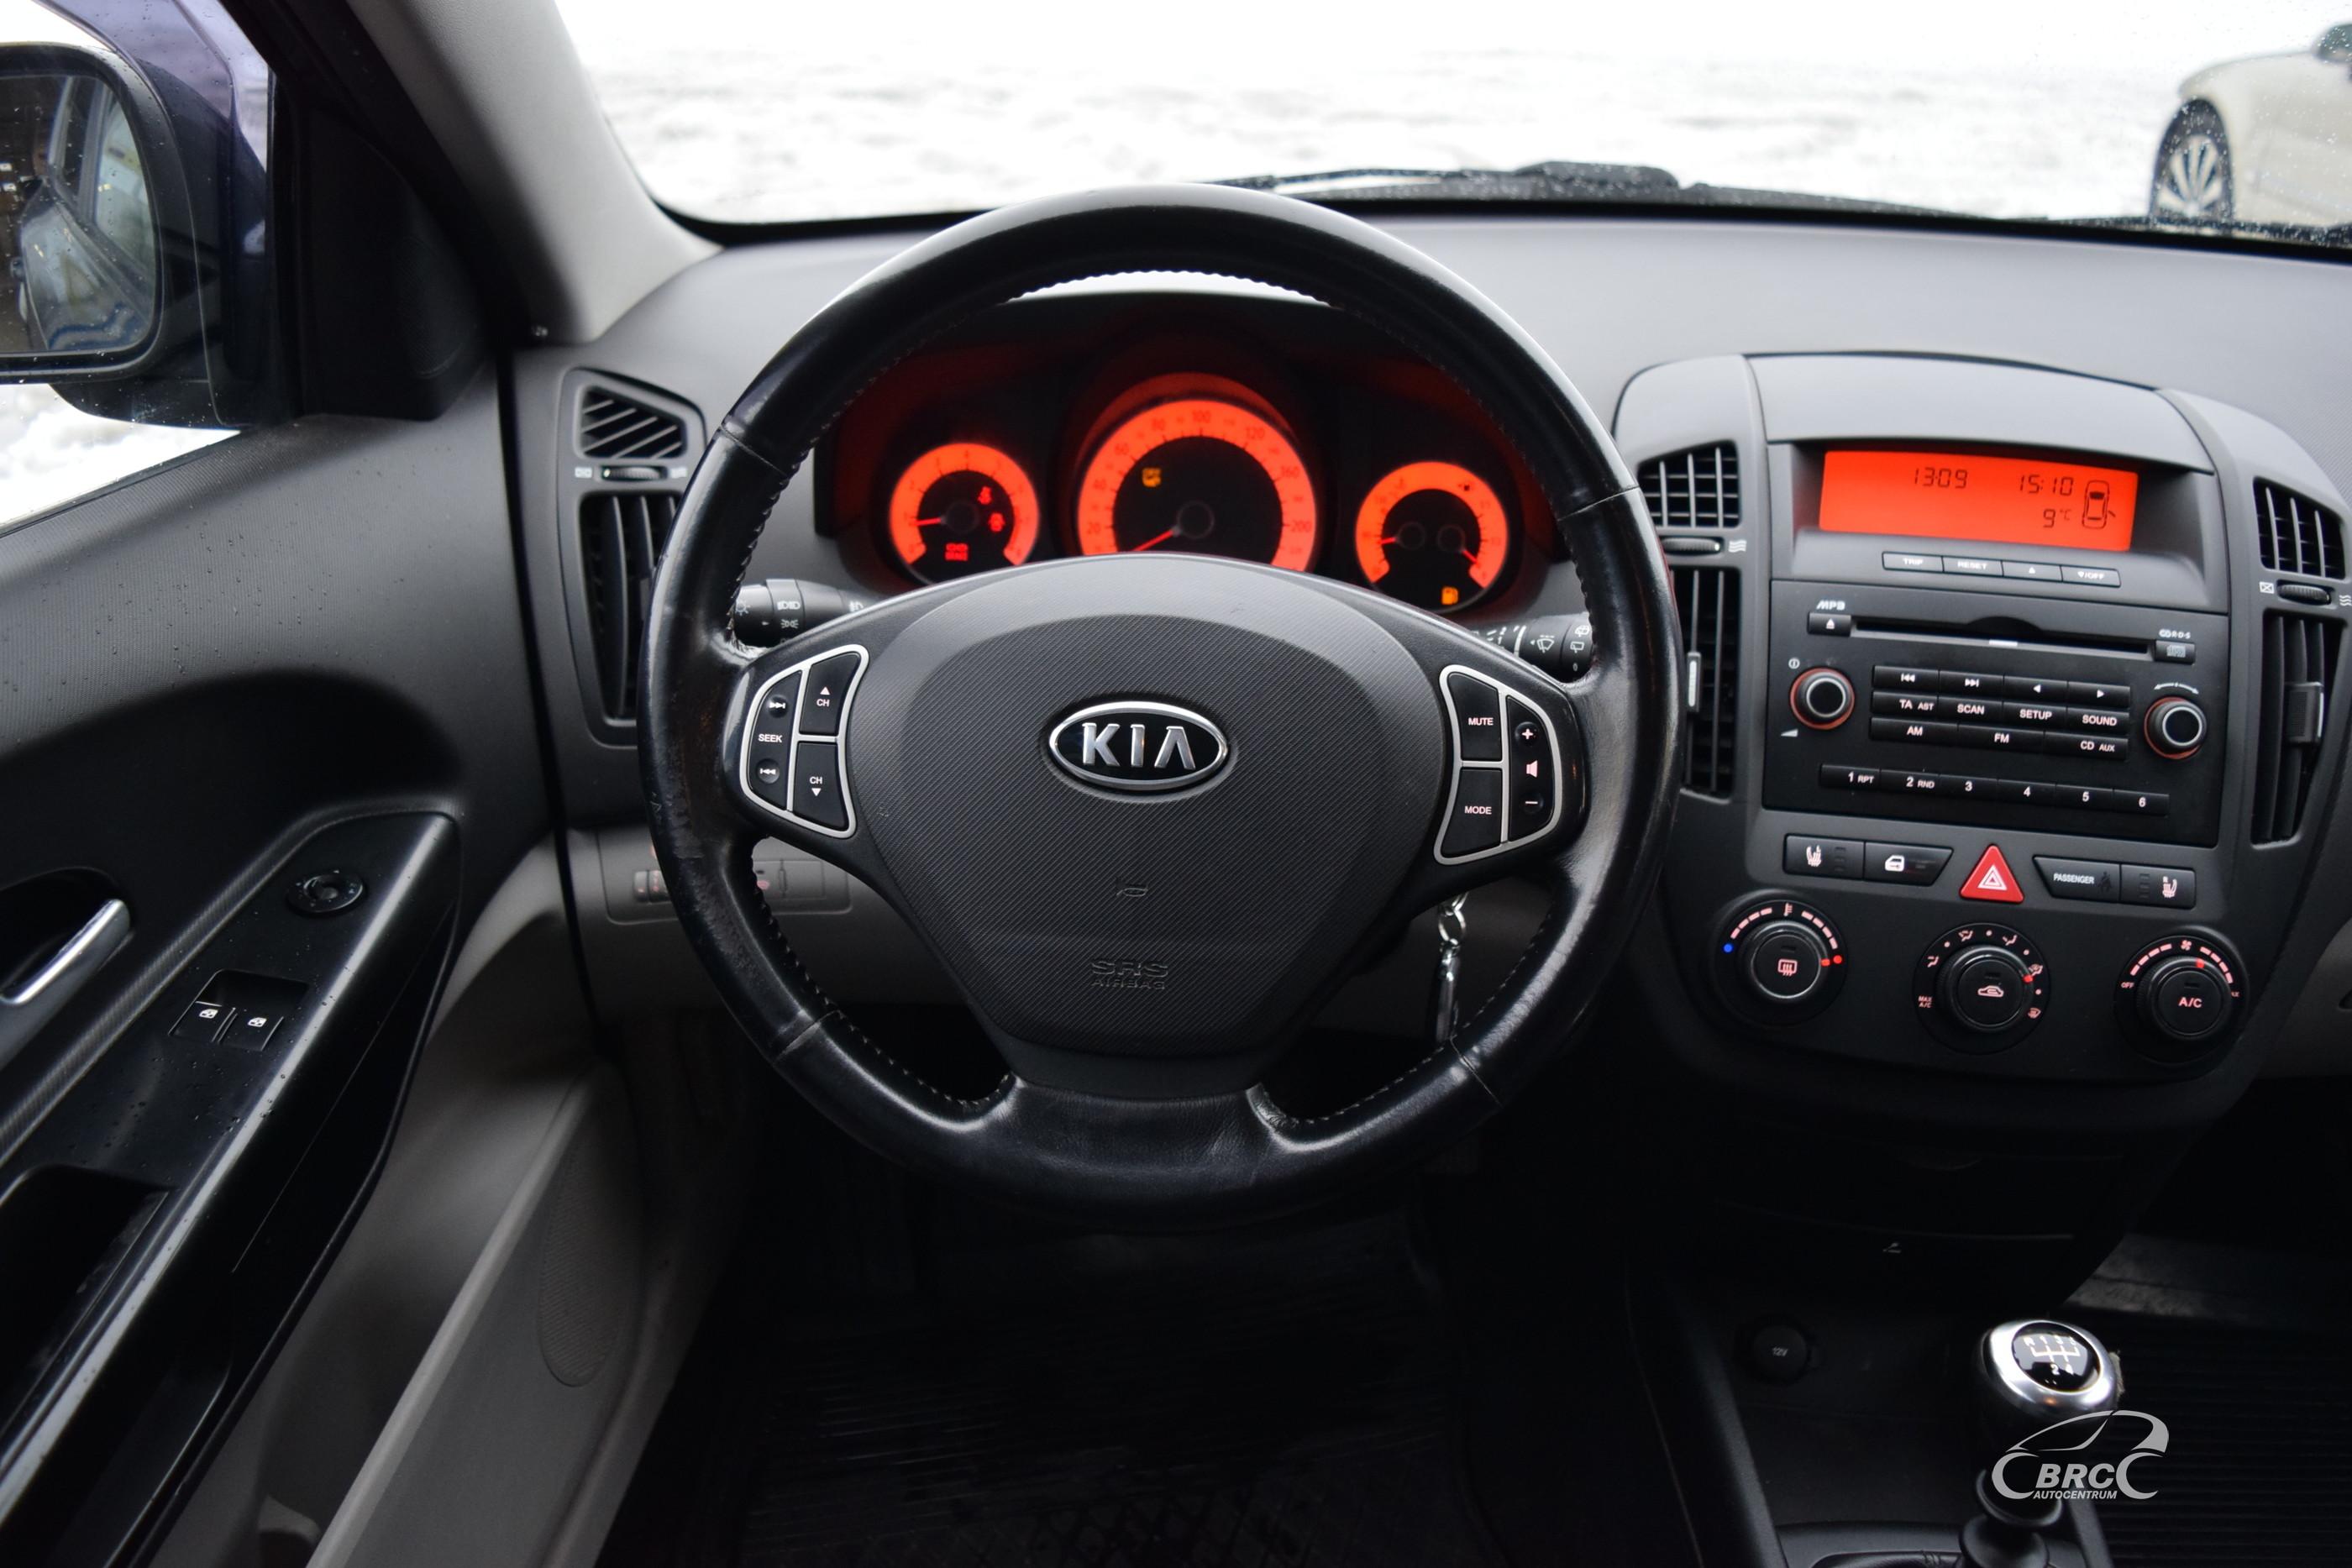 Kia Ceed M/T